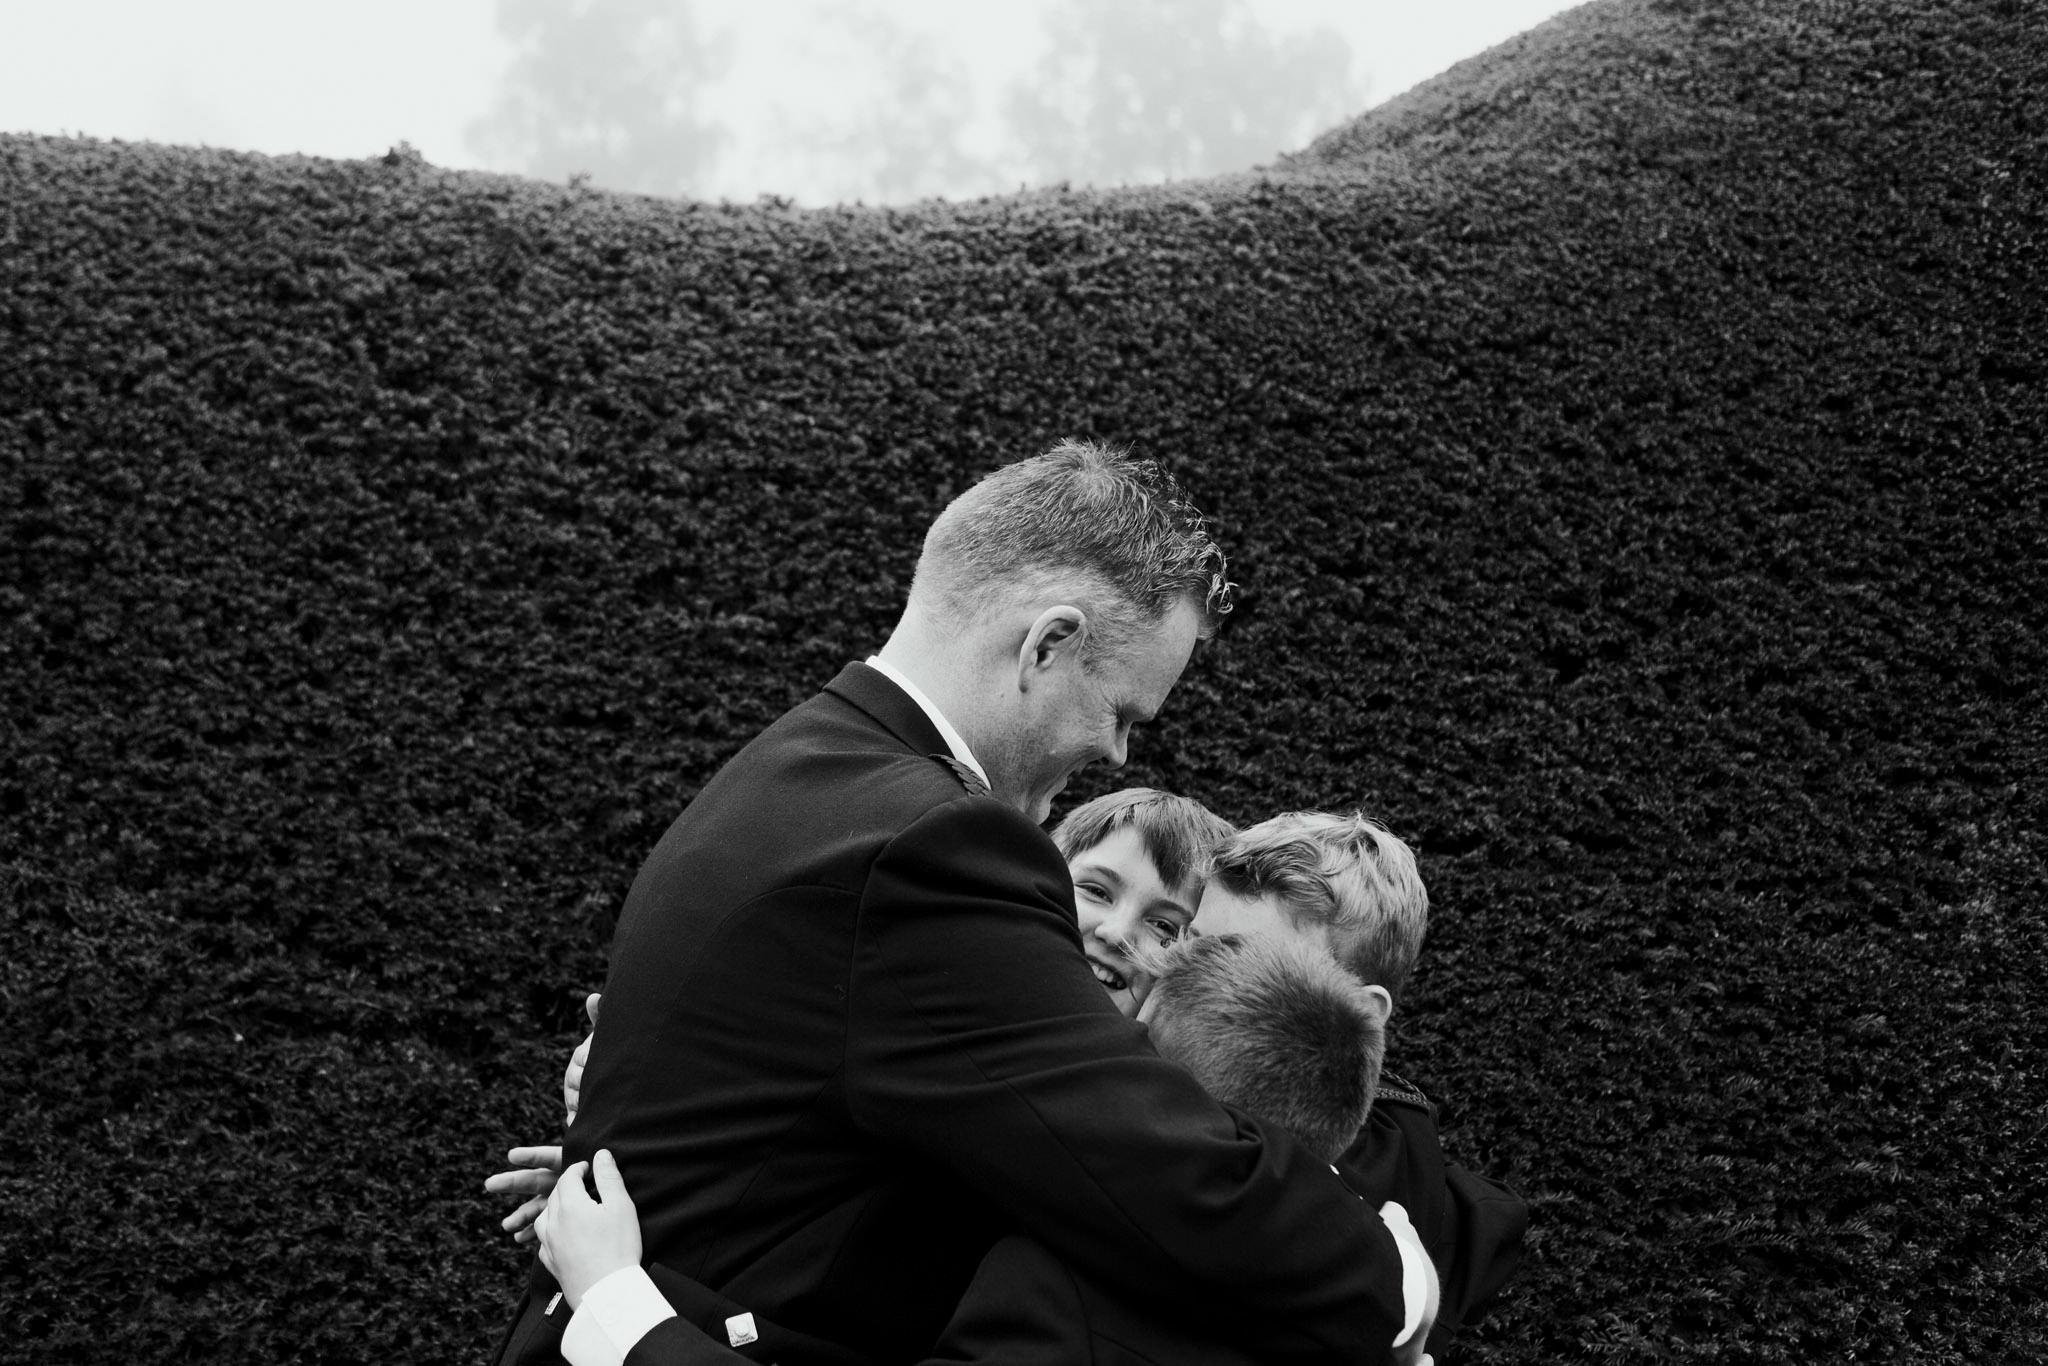 scotland-wedding-elopement-photographer-030.jpg